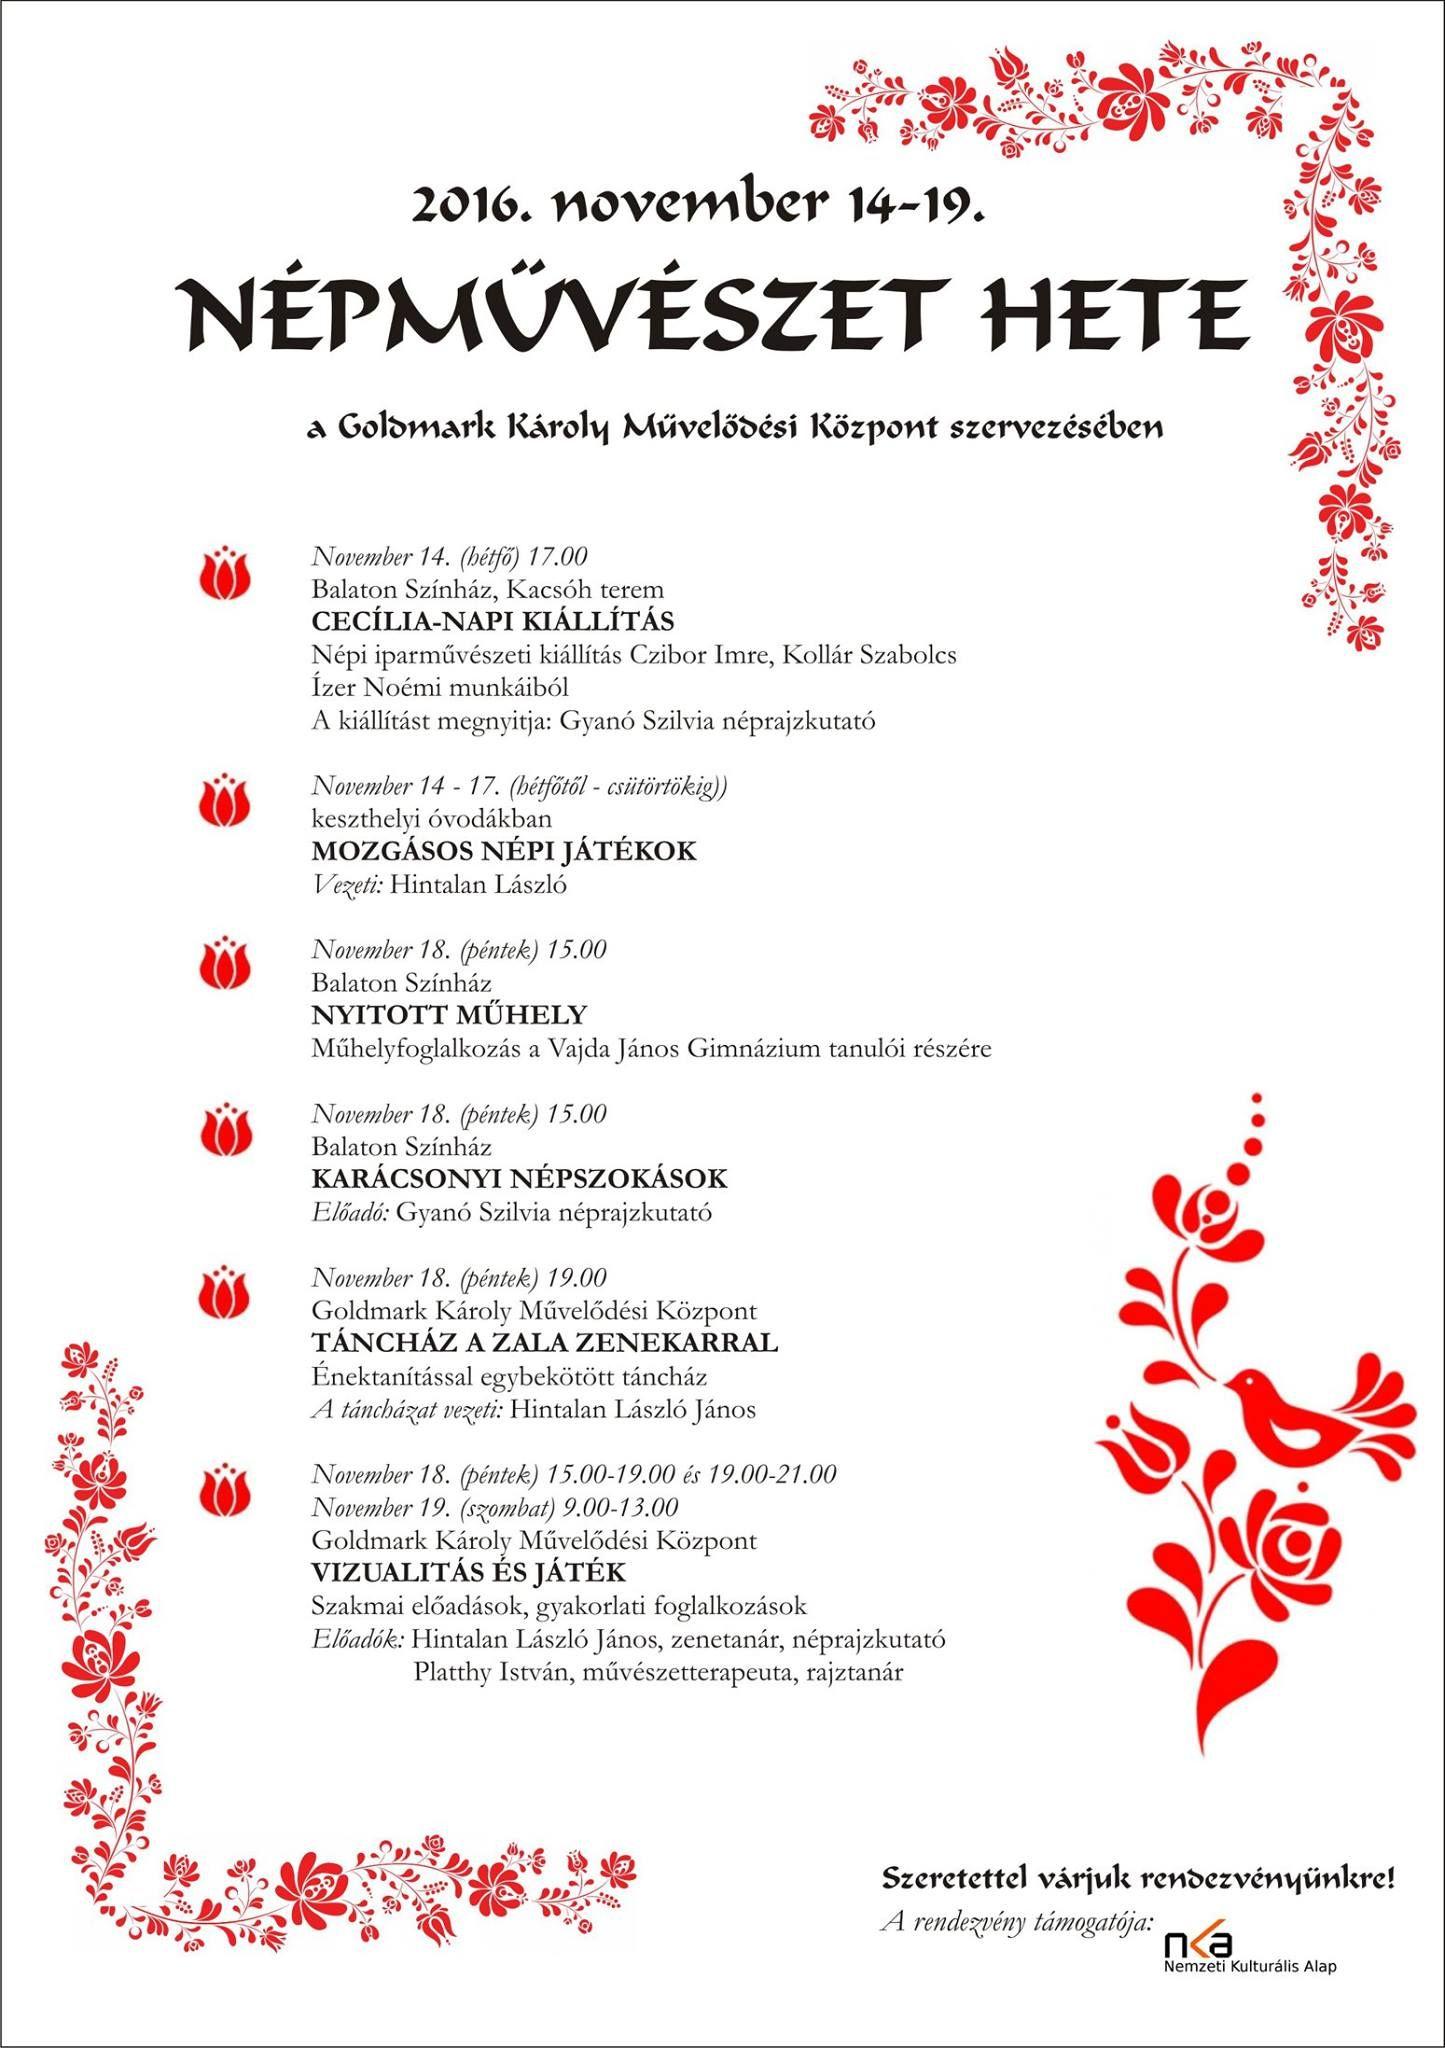 Népművészet Hete_11 14-19  (003)